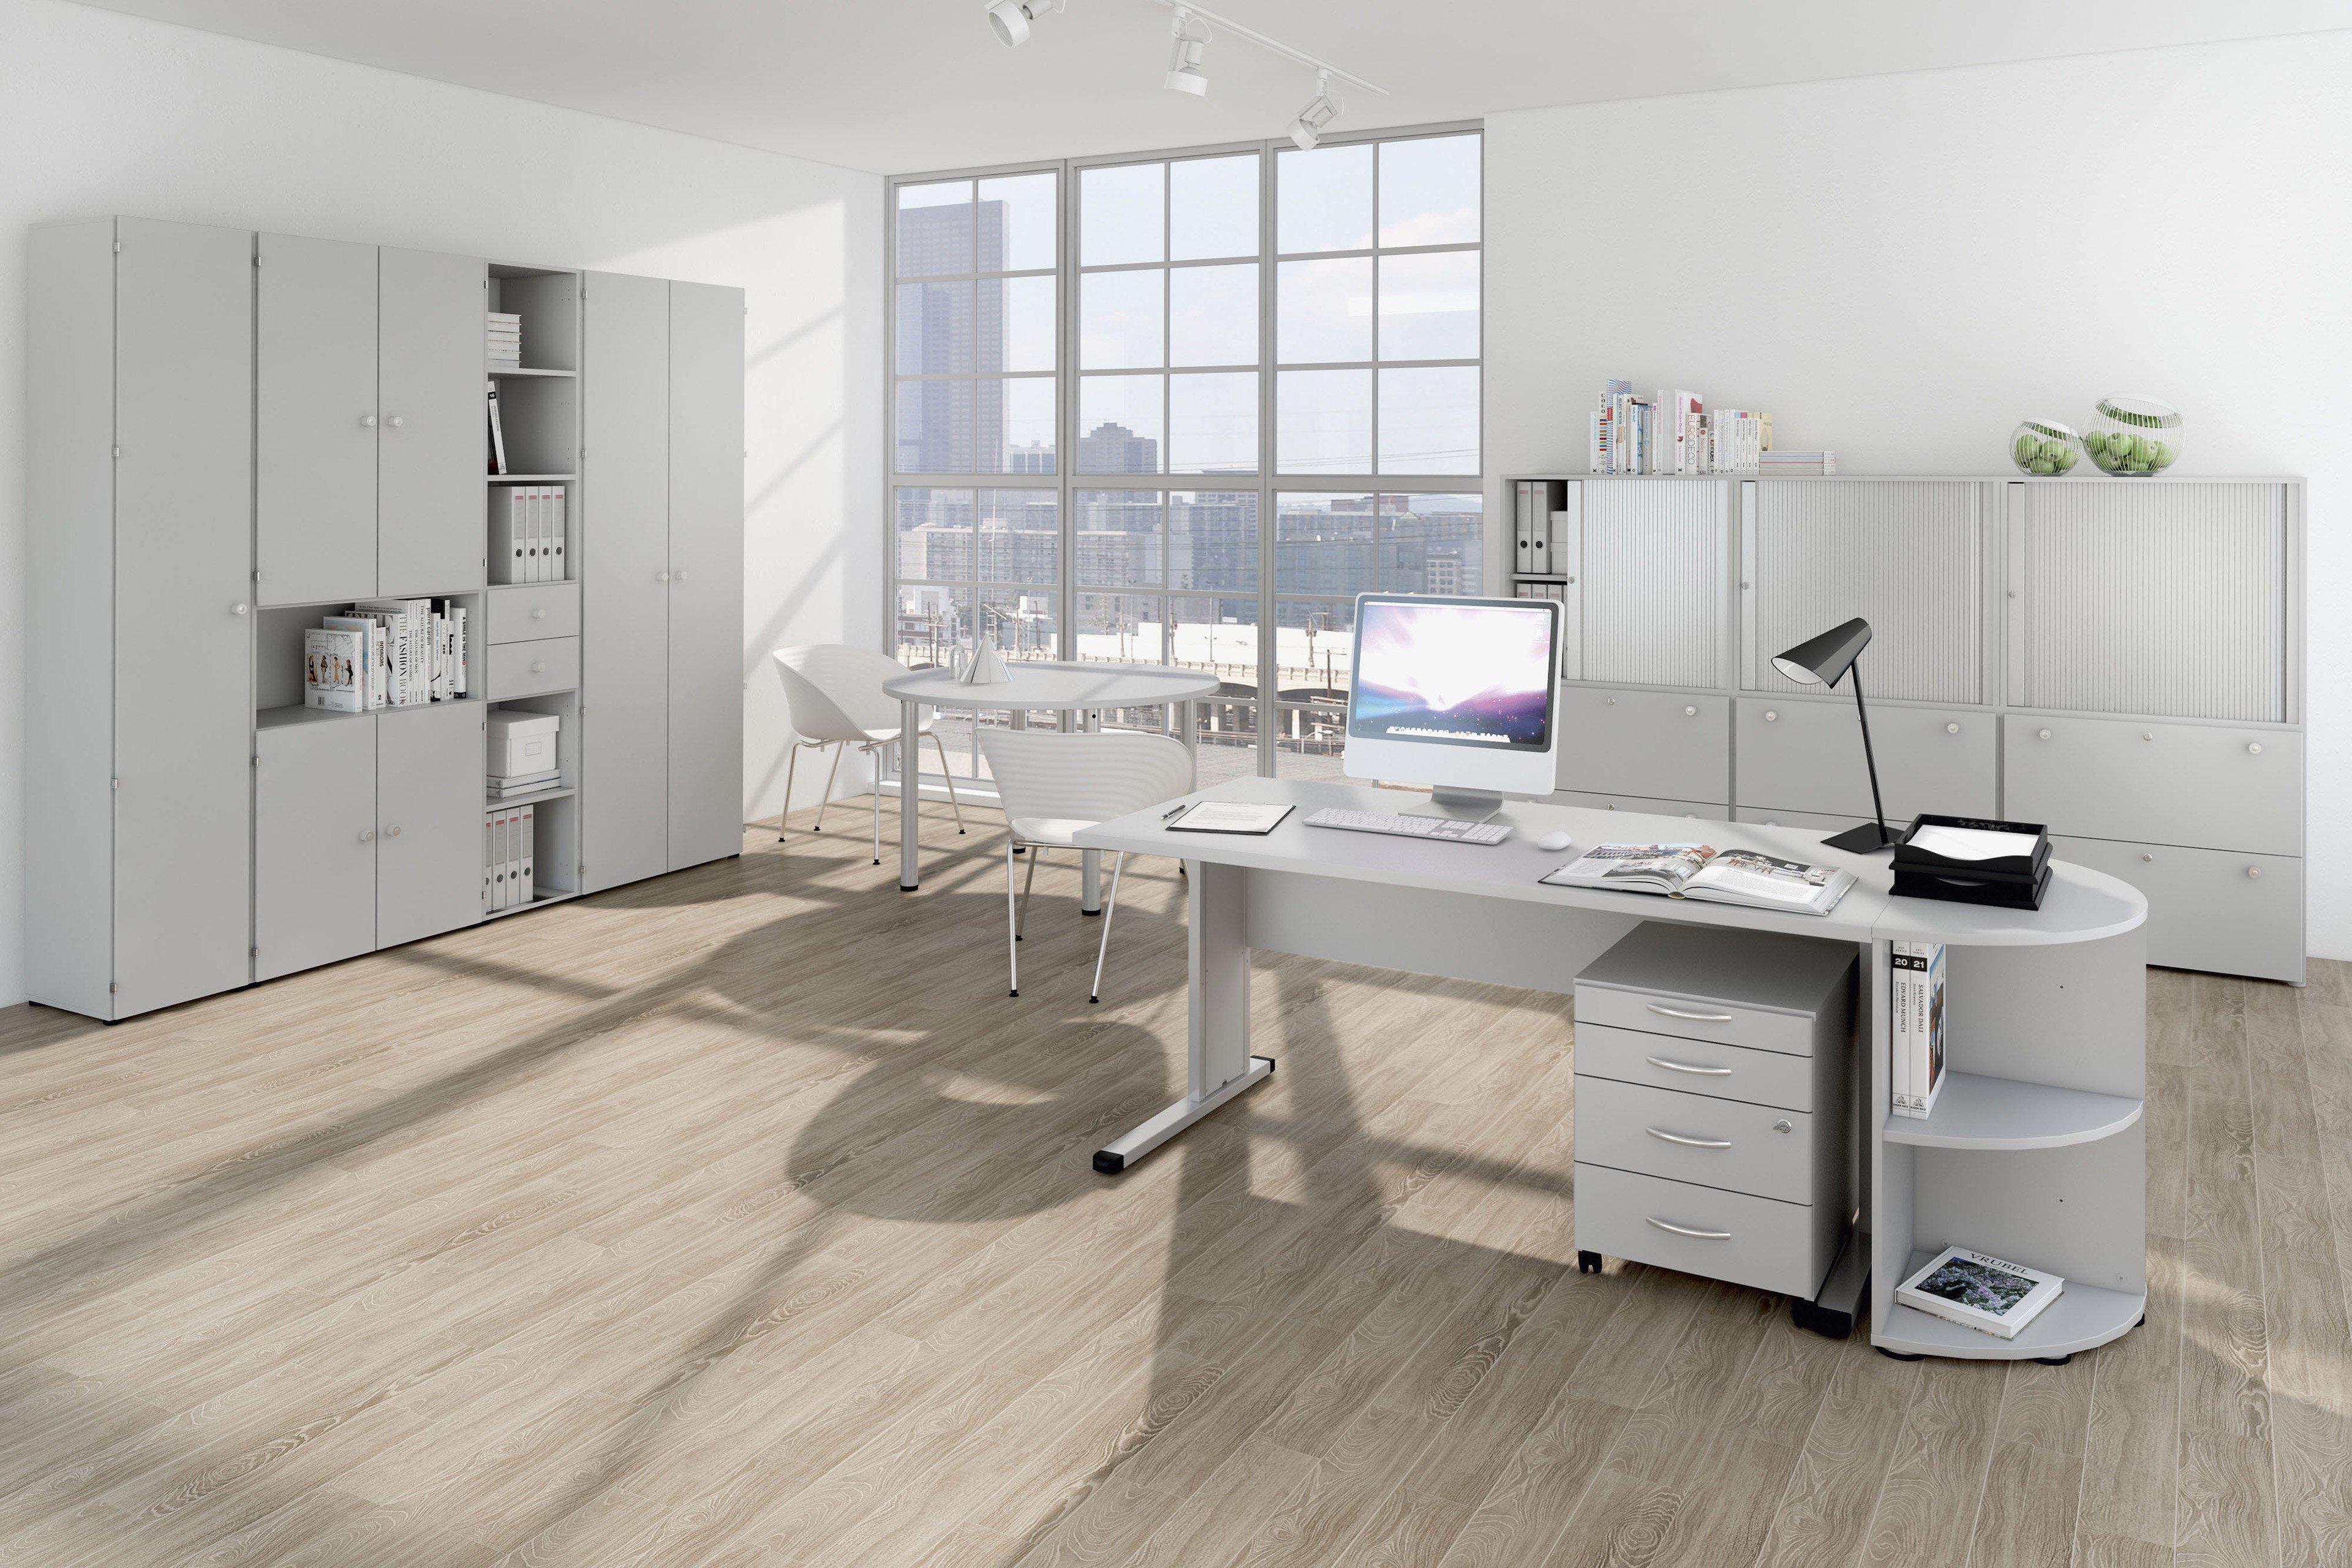 Welle Schreibtisch Kyro office-grau | Möbel Letz - Ihr Online-Shop